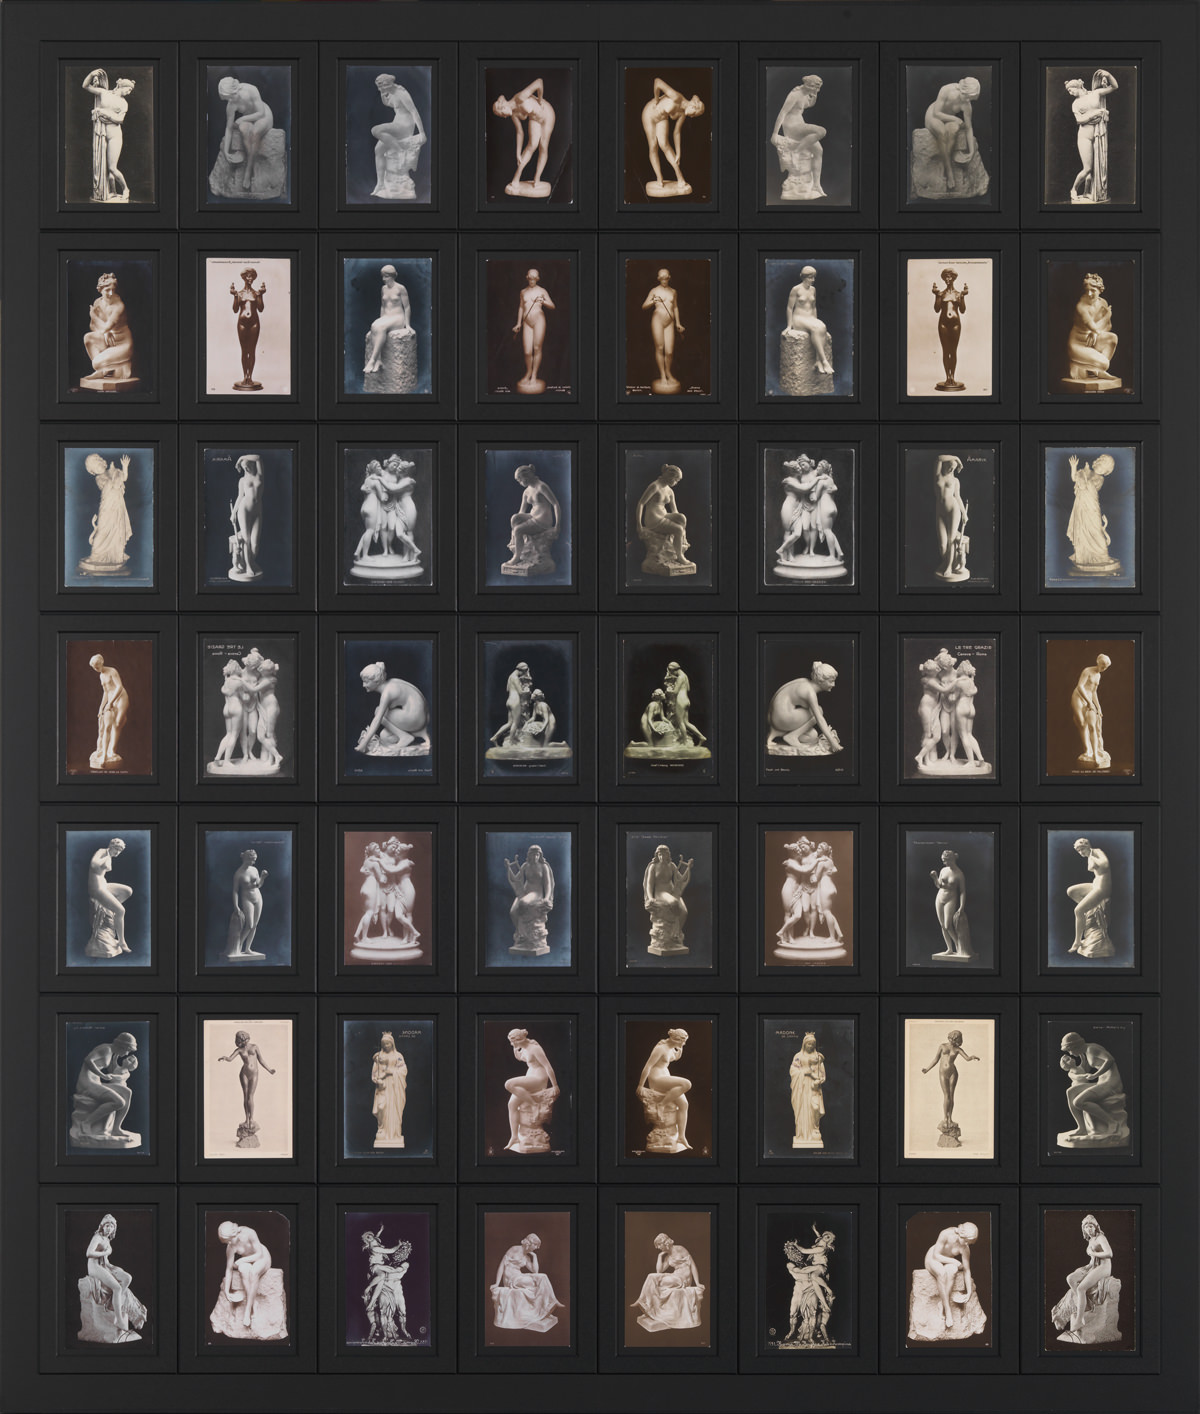 [female-sculpture]-2013